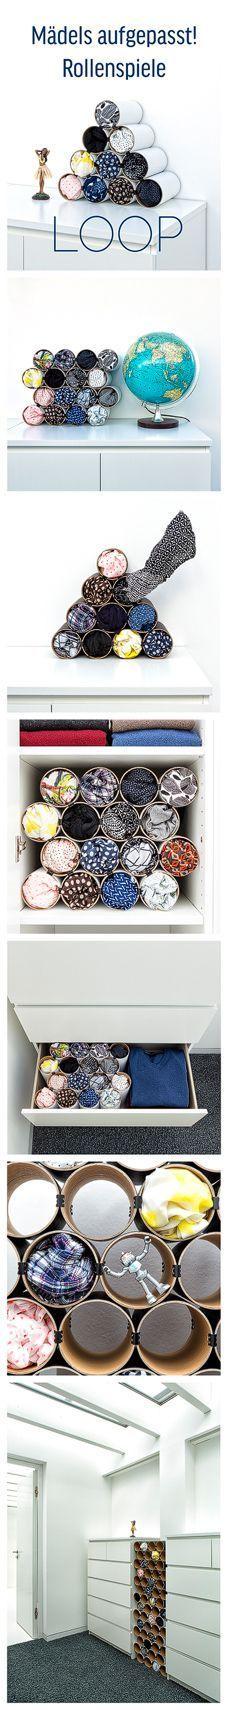 147 besten ordnungsliebe bilder auf pinterest bullet journal ordnung halten und organisation. Black Bedroom Furniture Sets. Home Design Ideas